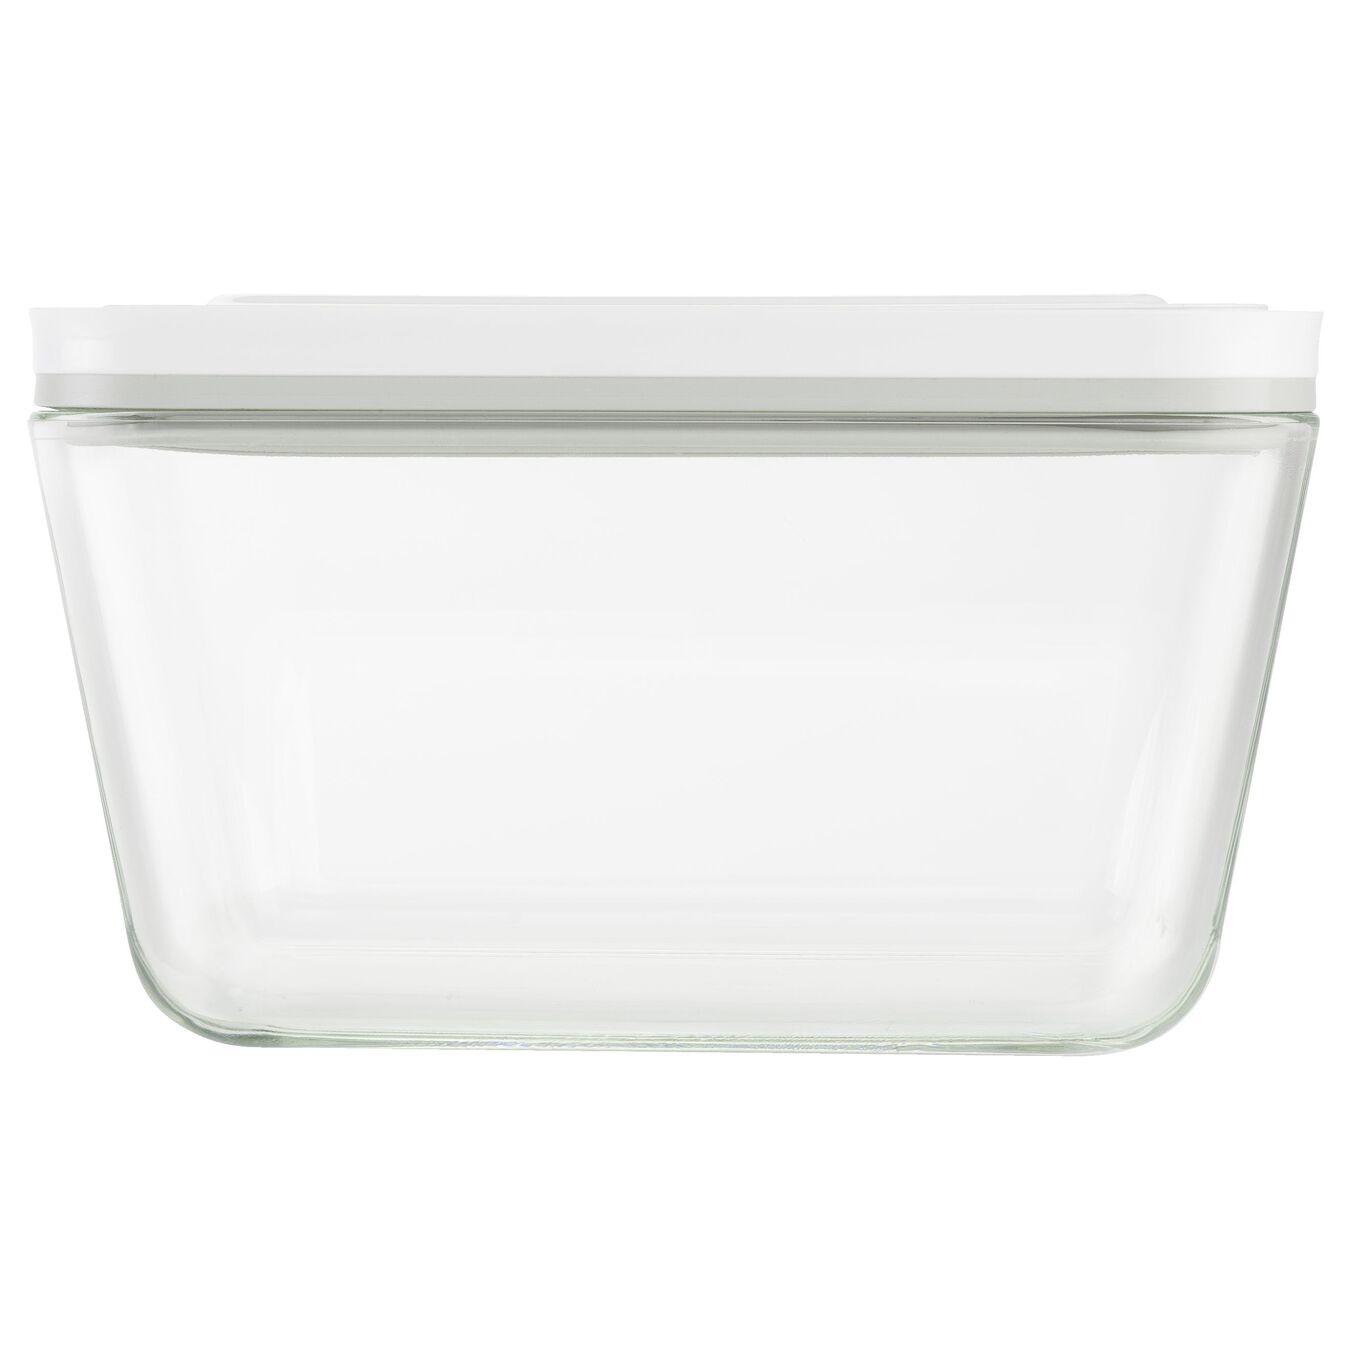 large Vacuum box, Borosilicate glass, white,,large 3